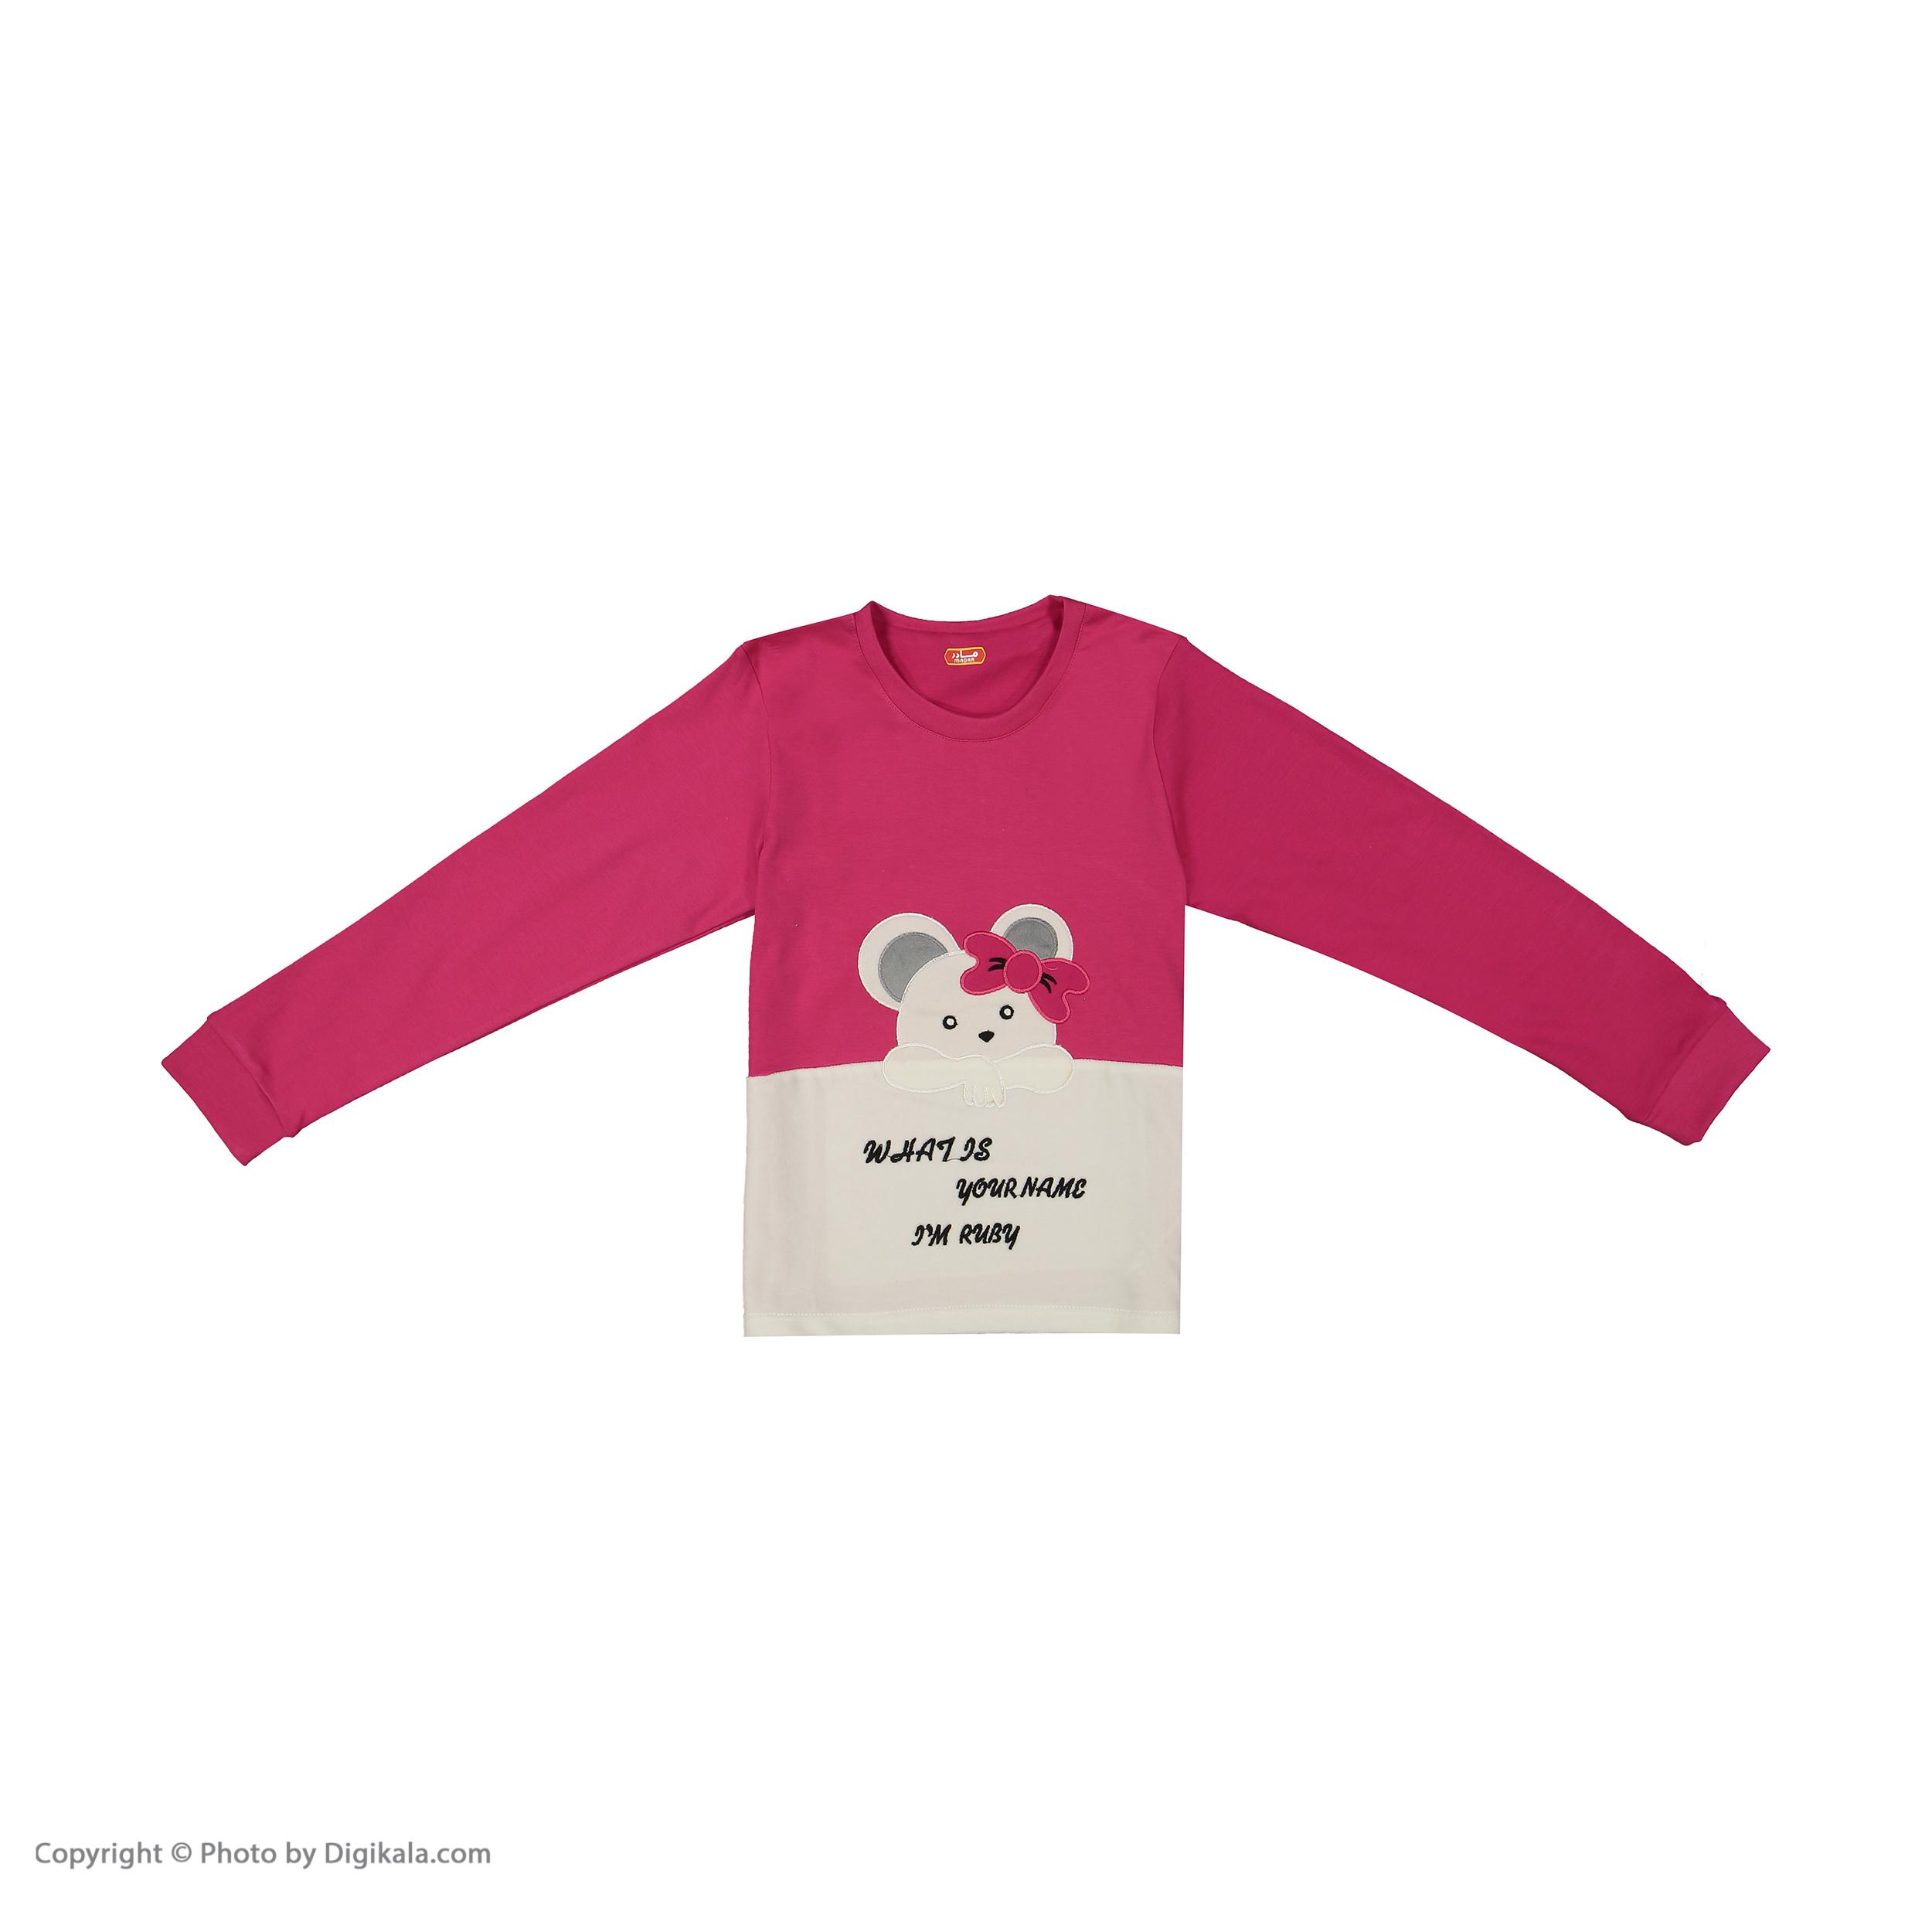 ست تی شرت و شلوار دخترانه مادر مدل 301-66 main 1 2